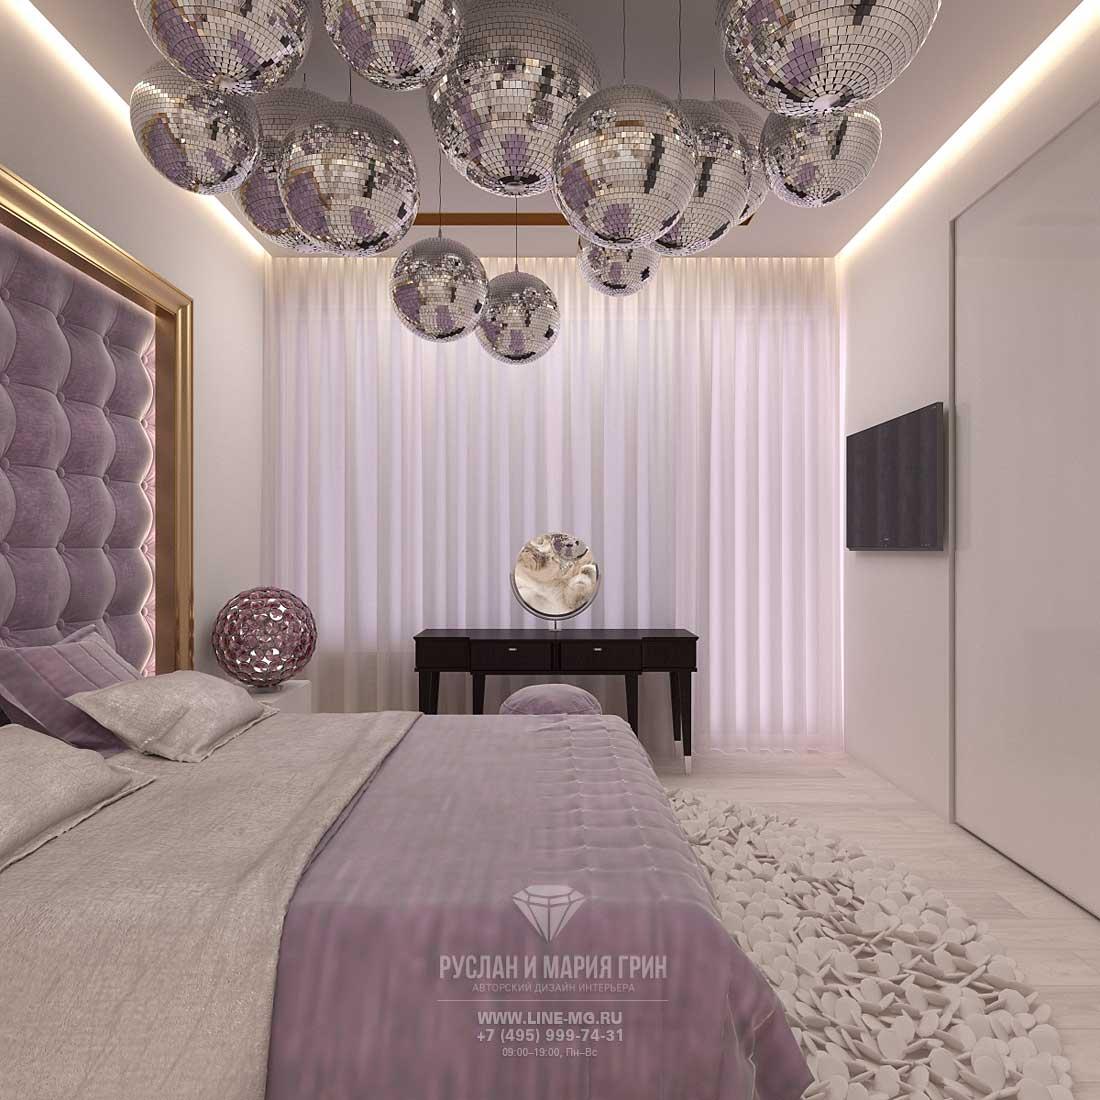 Интерьер светлой спальни с сиреневыми акцентами